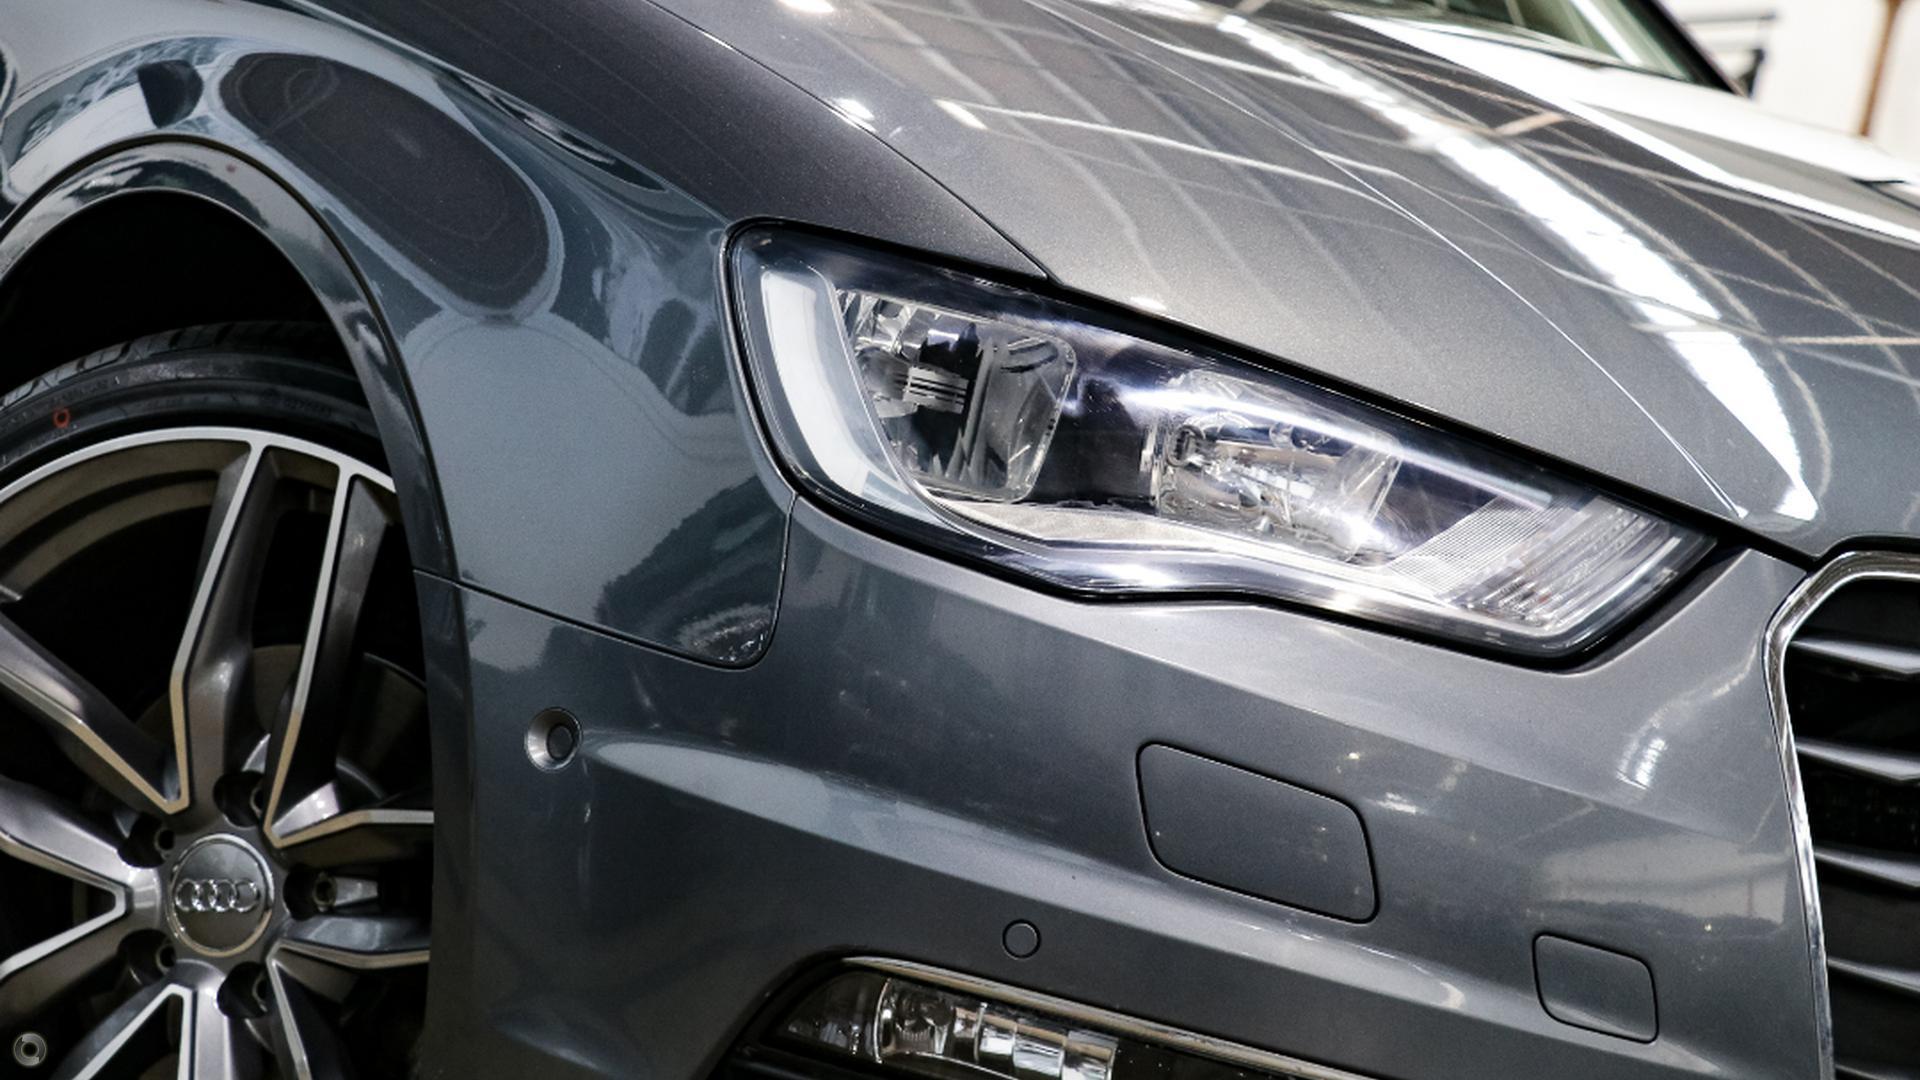 2013 Audi A3 Ambition 8V